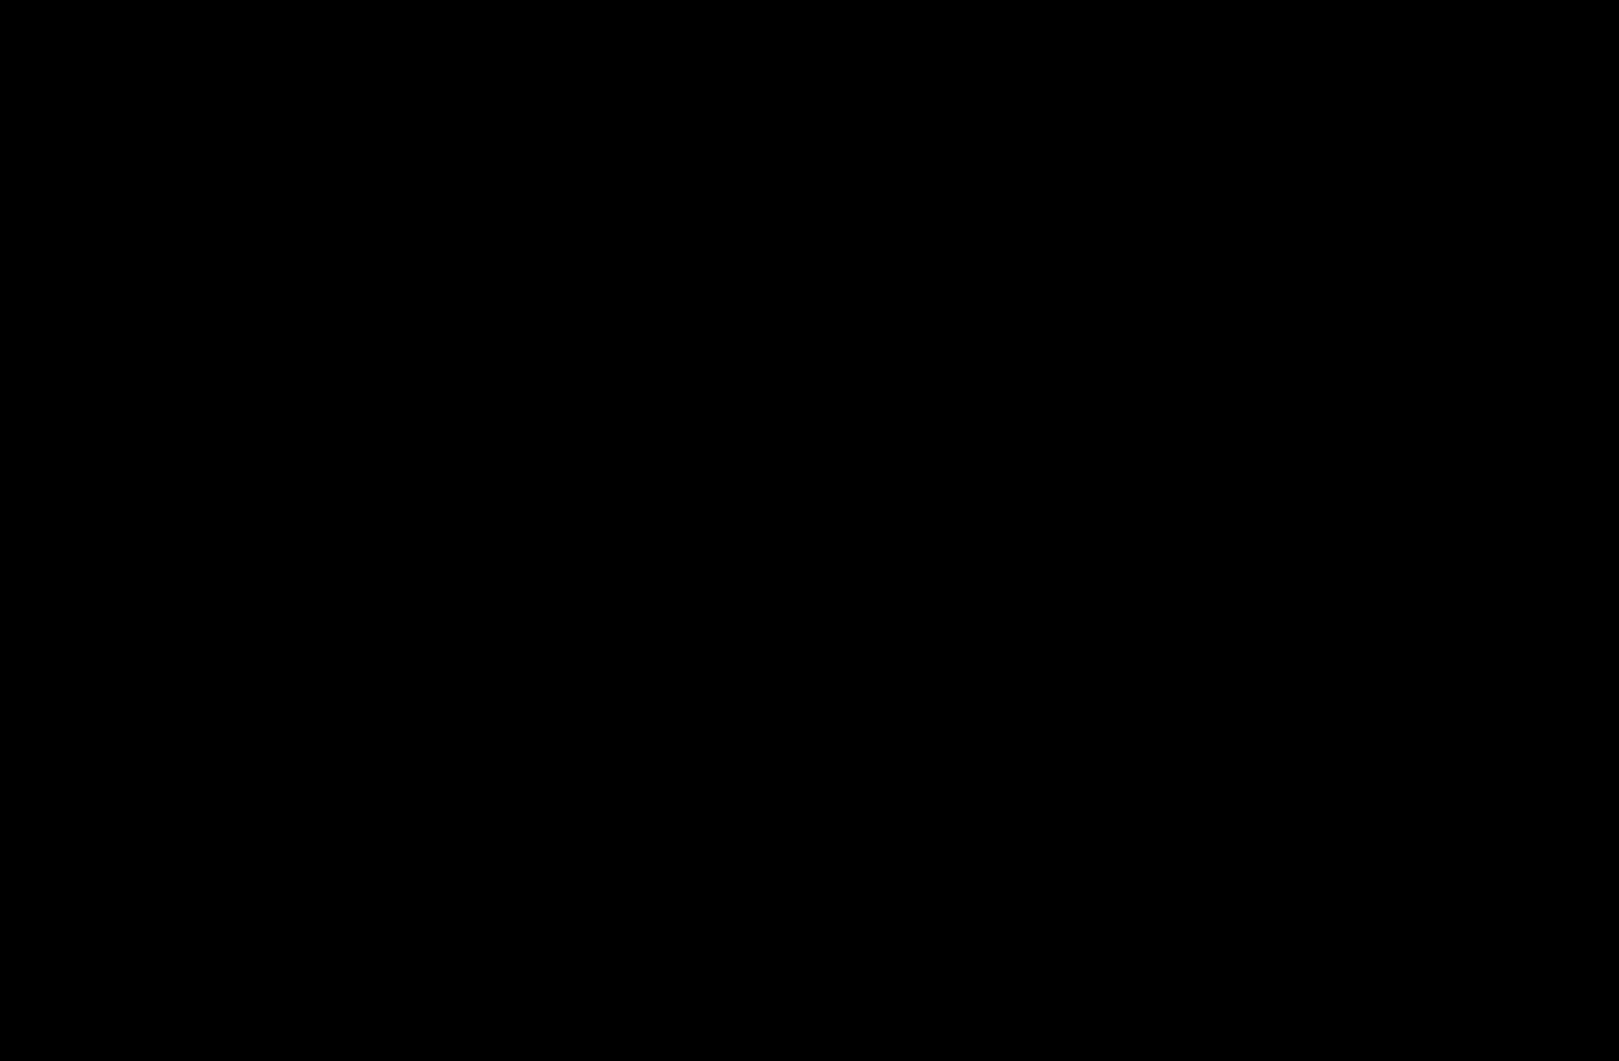 MAL-dPEG®₄-Tris(-TFP ester)₃